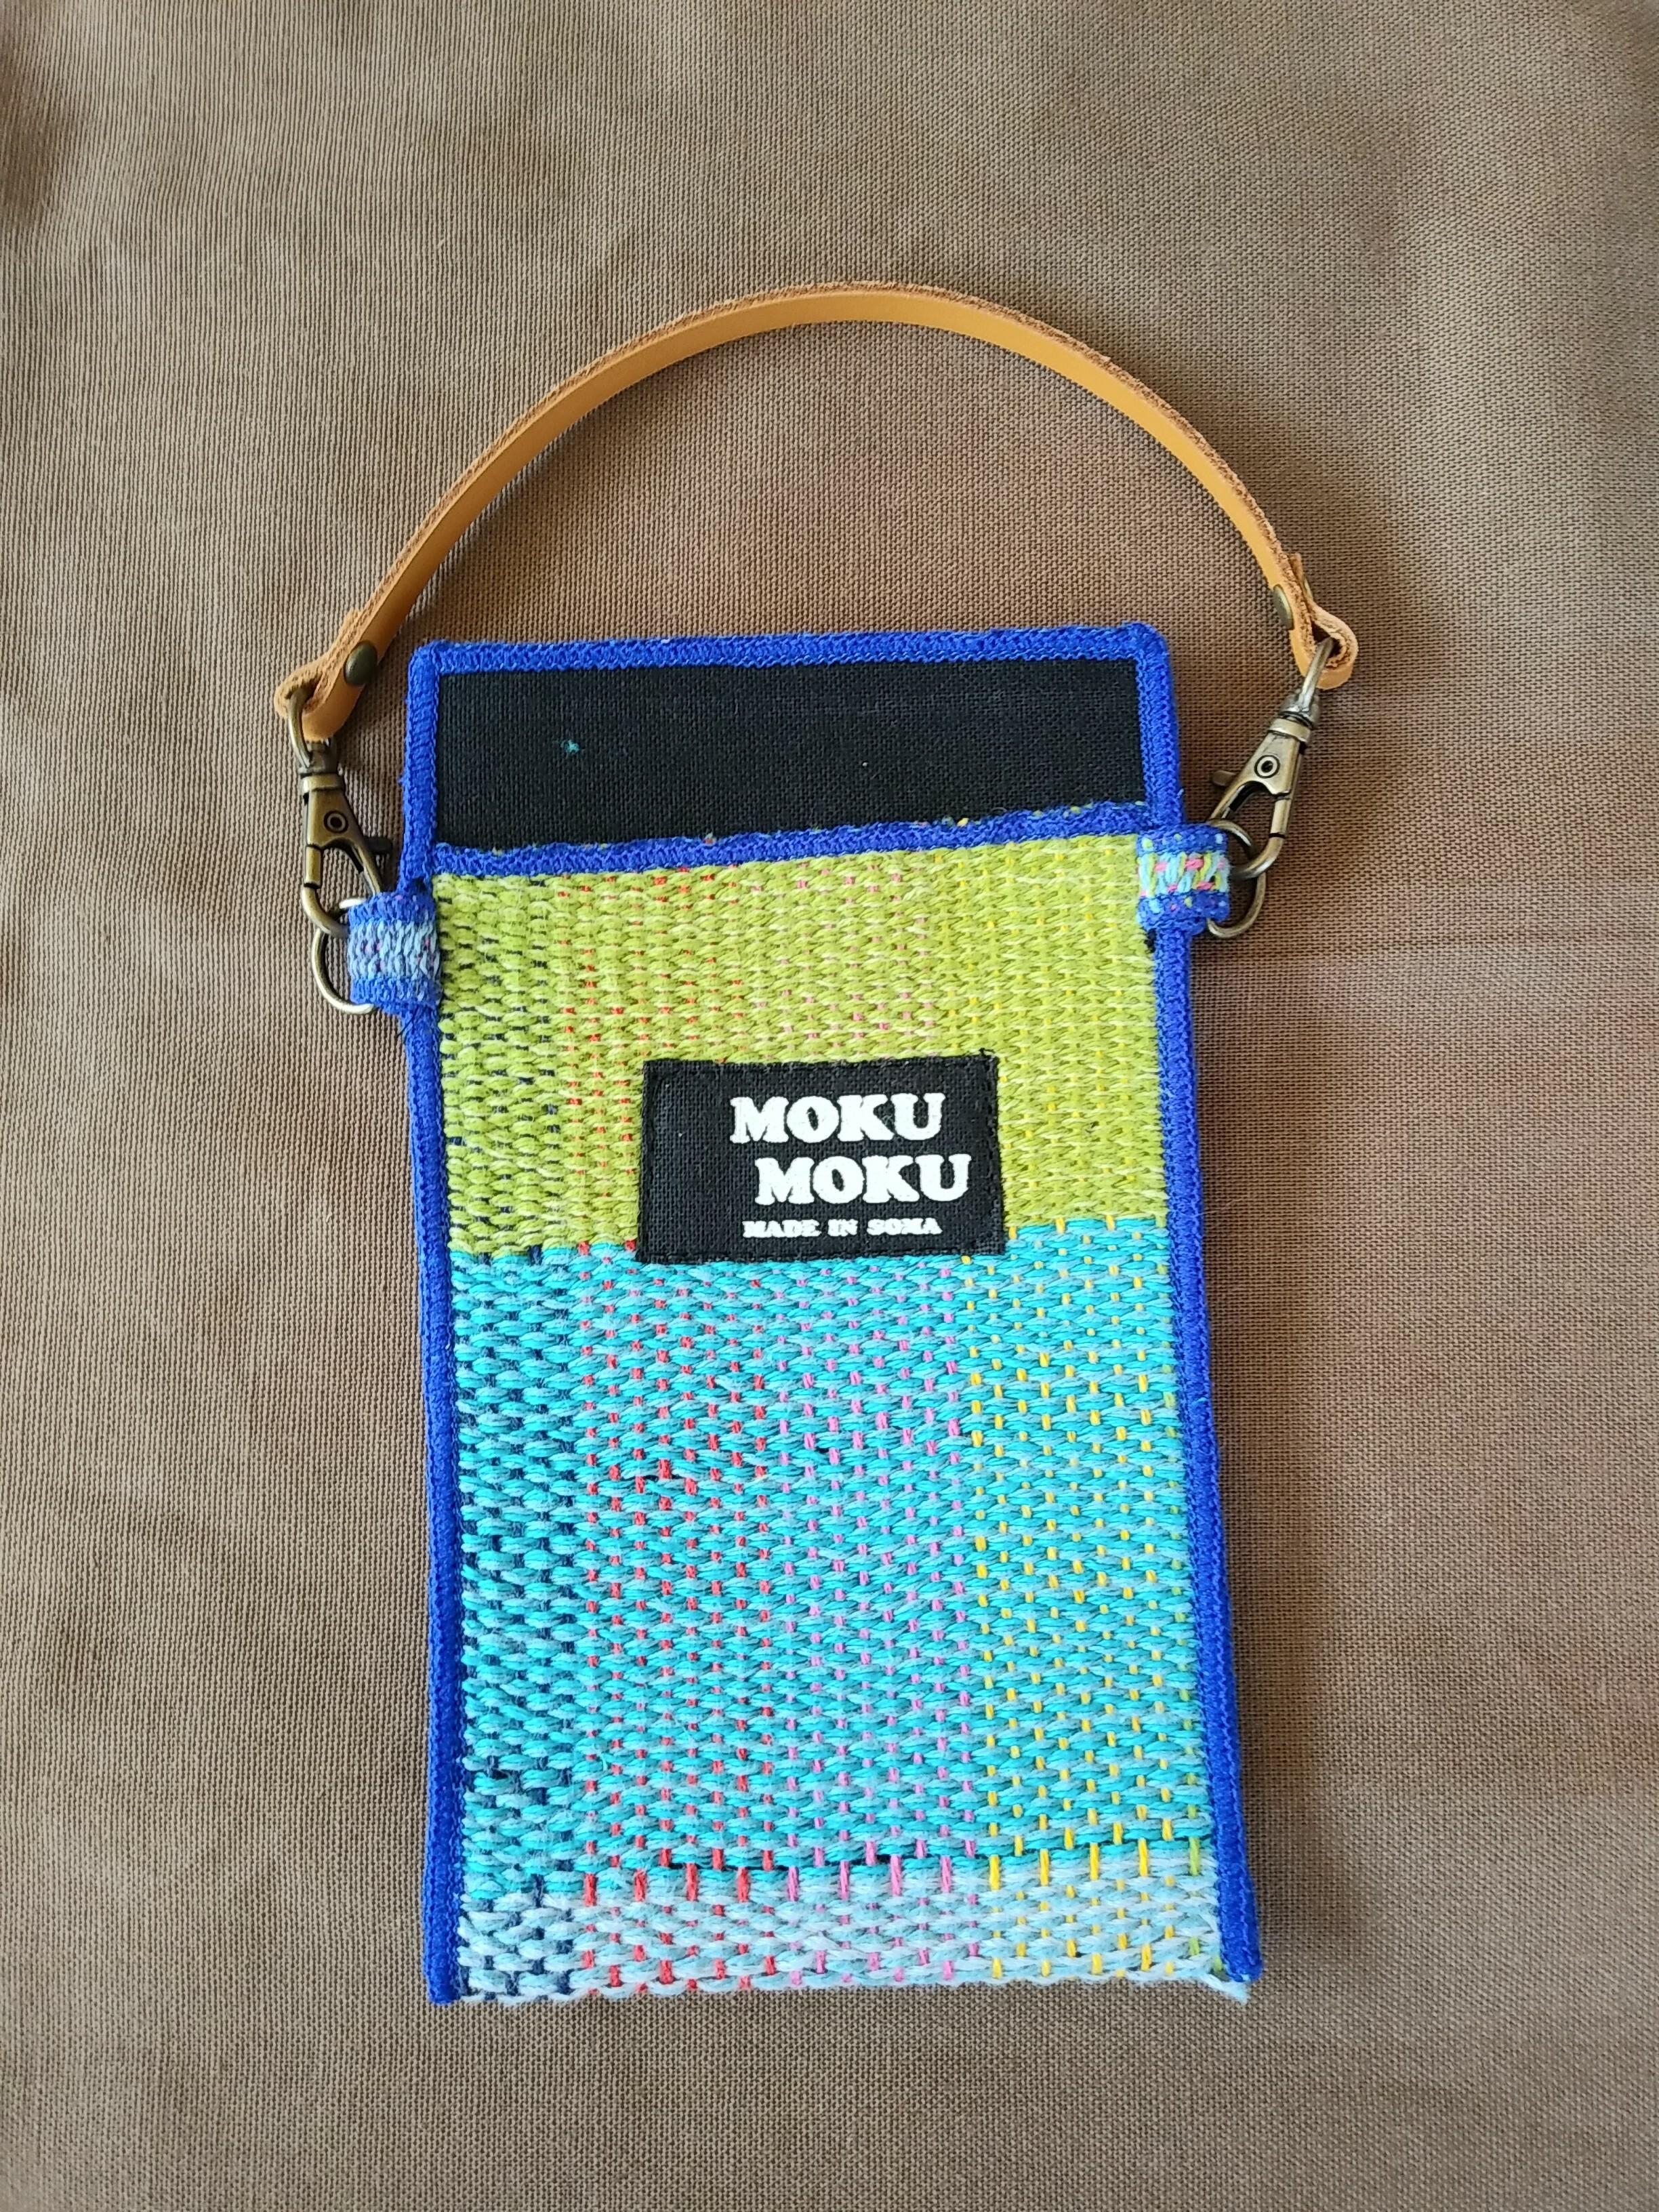 さをり織り携帯ケース